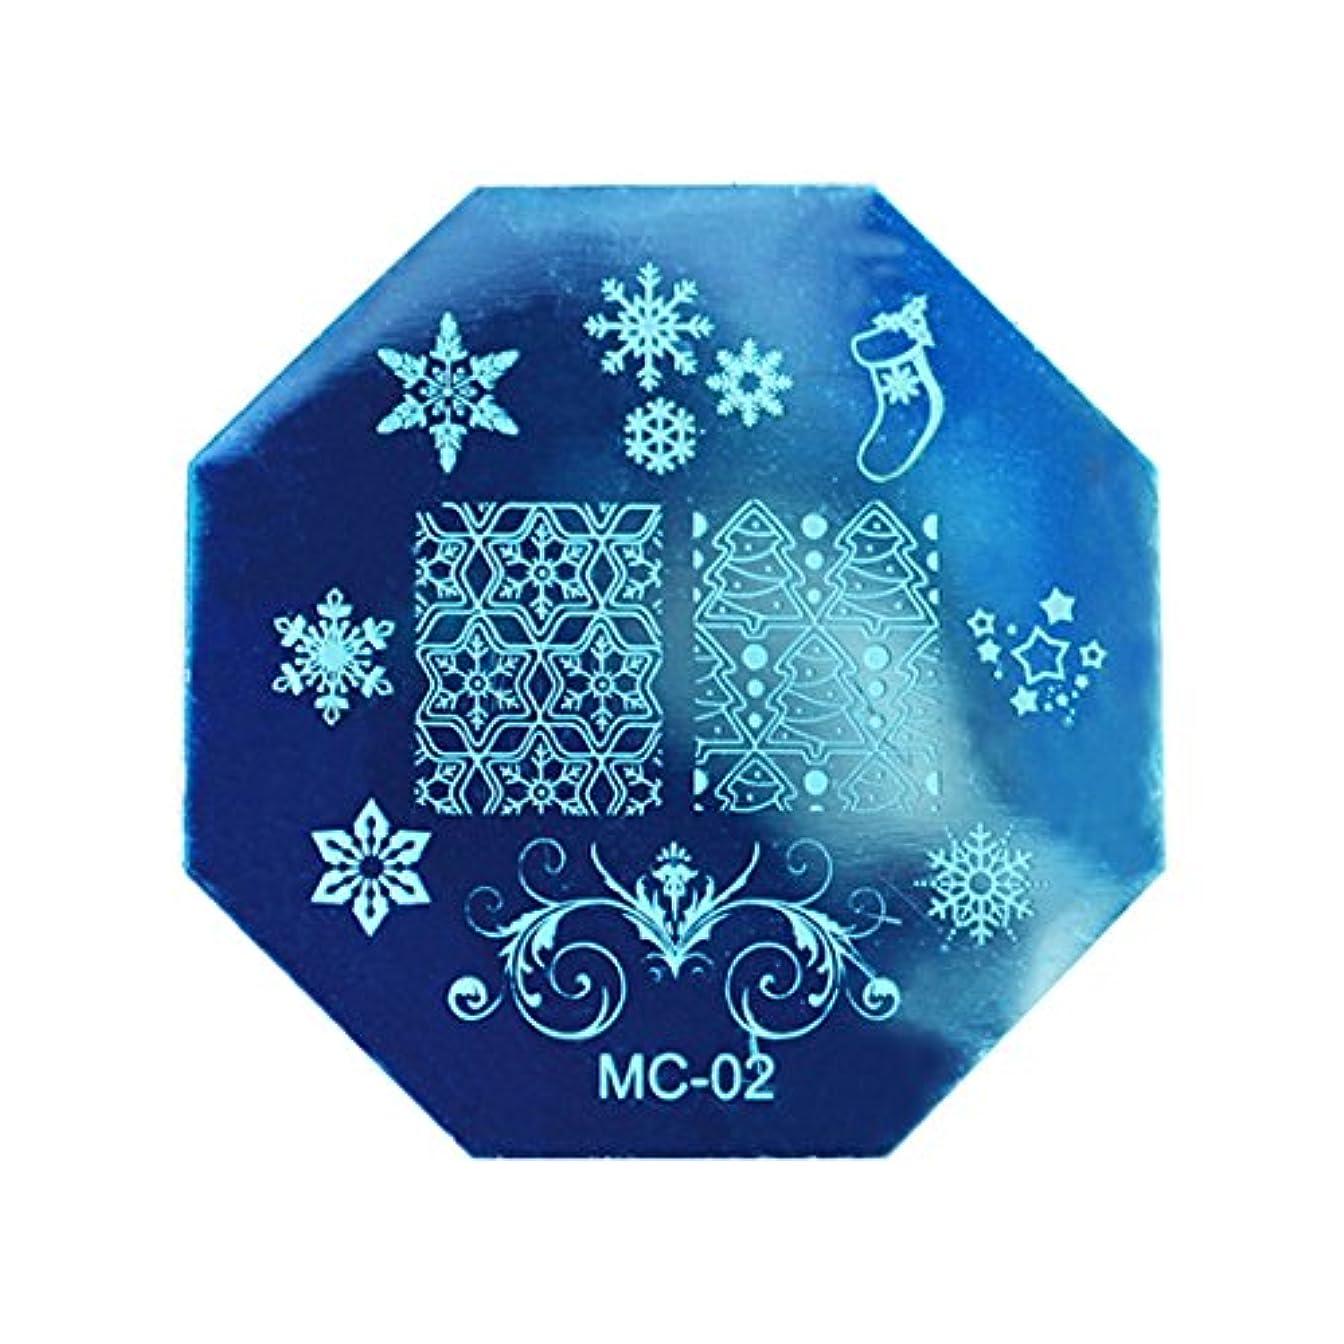 異形死すべきマーカーRETYLY クリスマスDIYイメージスタンピングプレートマニキュアモデル ネイルアートプレート(MC-02)